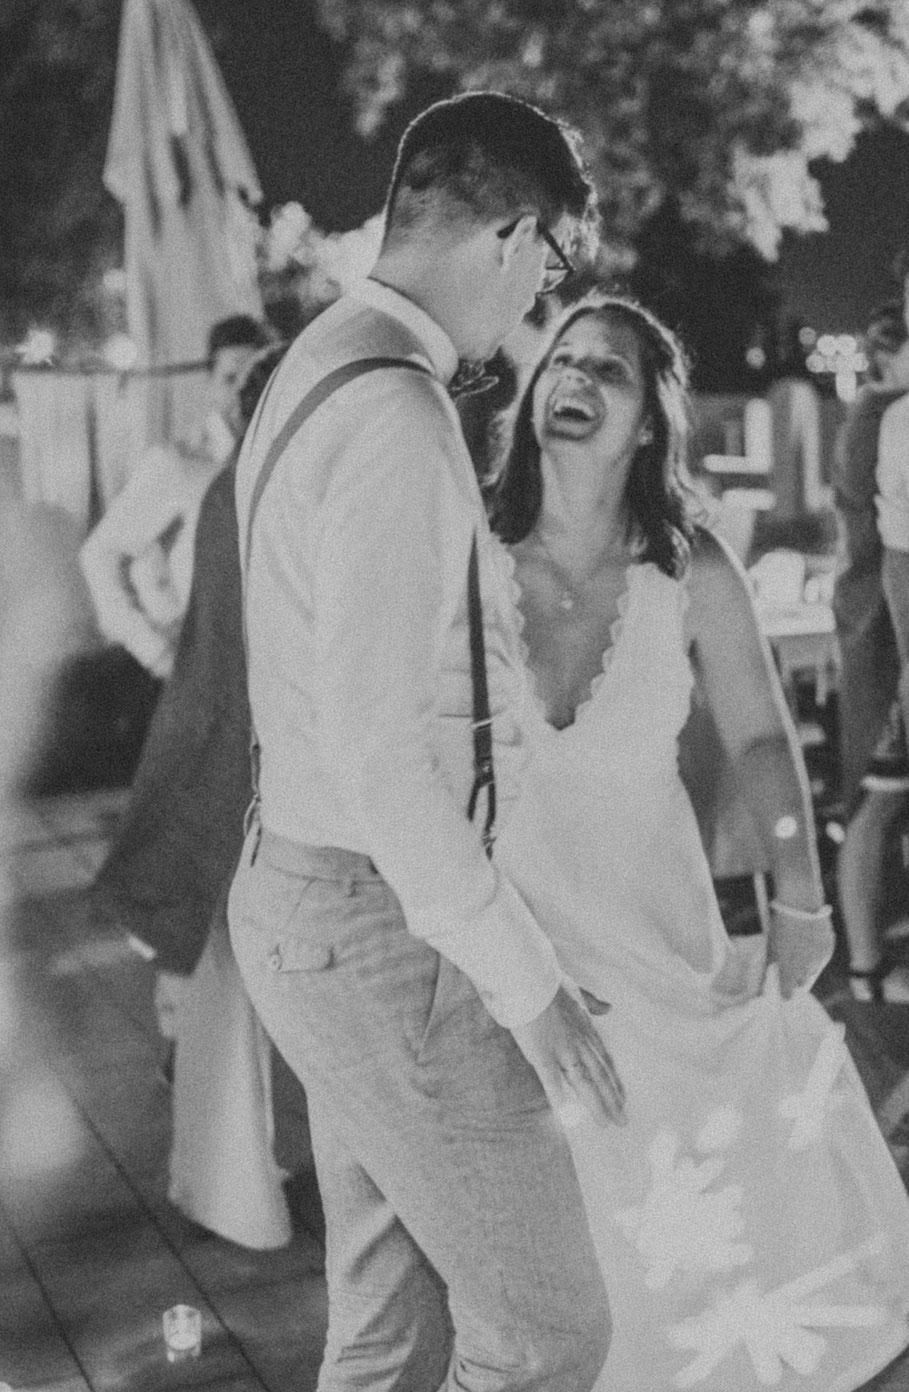 Hochzeit, der beste Fotograf, Russelsheim am Main, Nauheim, Bischofsheim, Bauschheim, Hessen, Fotografie, Reportage, Portrait,  Bräutigam, Braut, der erste Tanz, Opel Ville Restaurant, party